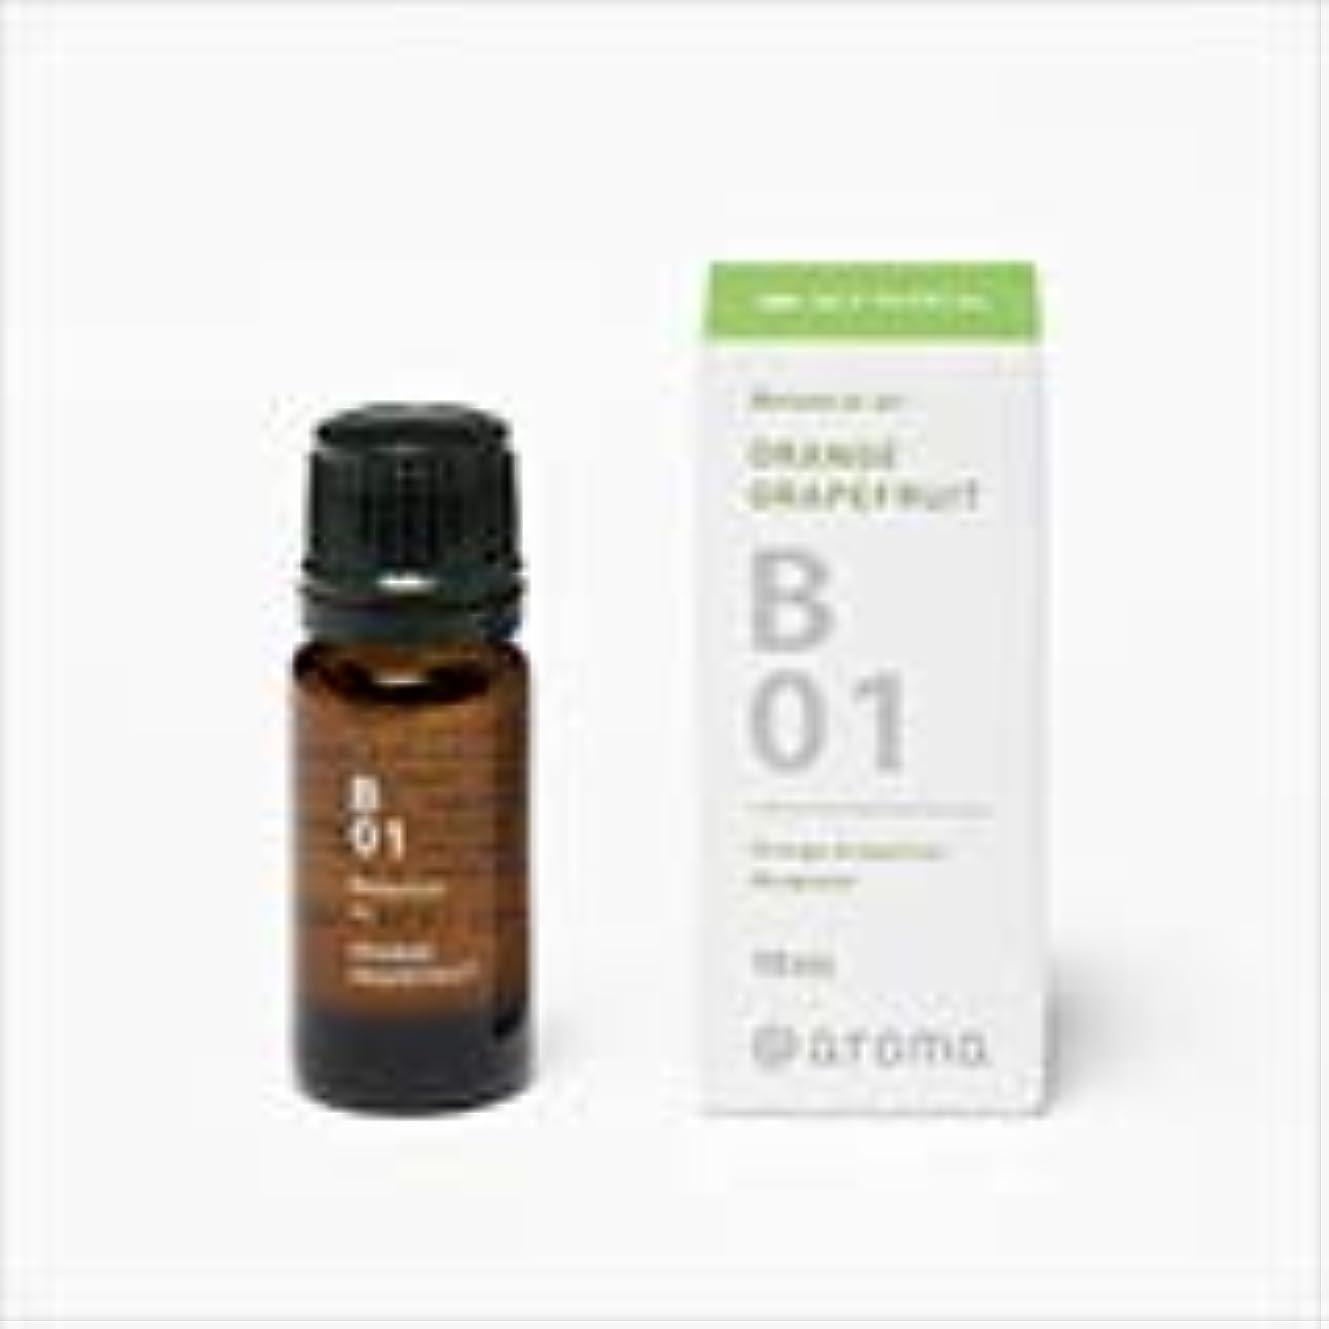 やがてケイ素南アメリカアットアロマ 100%pure essential oil <Botanical air マジョラムパイン>